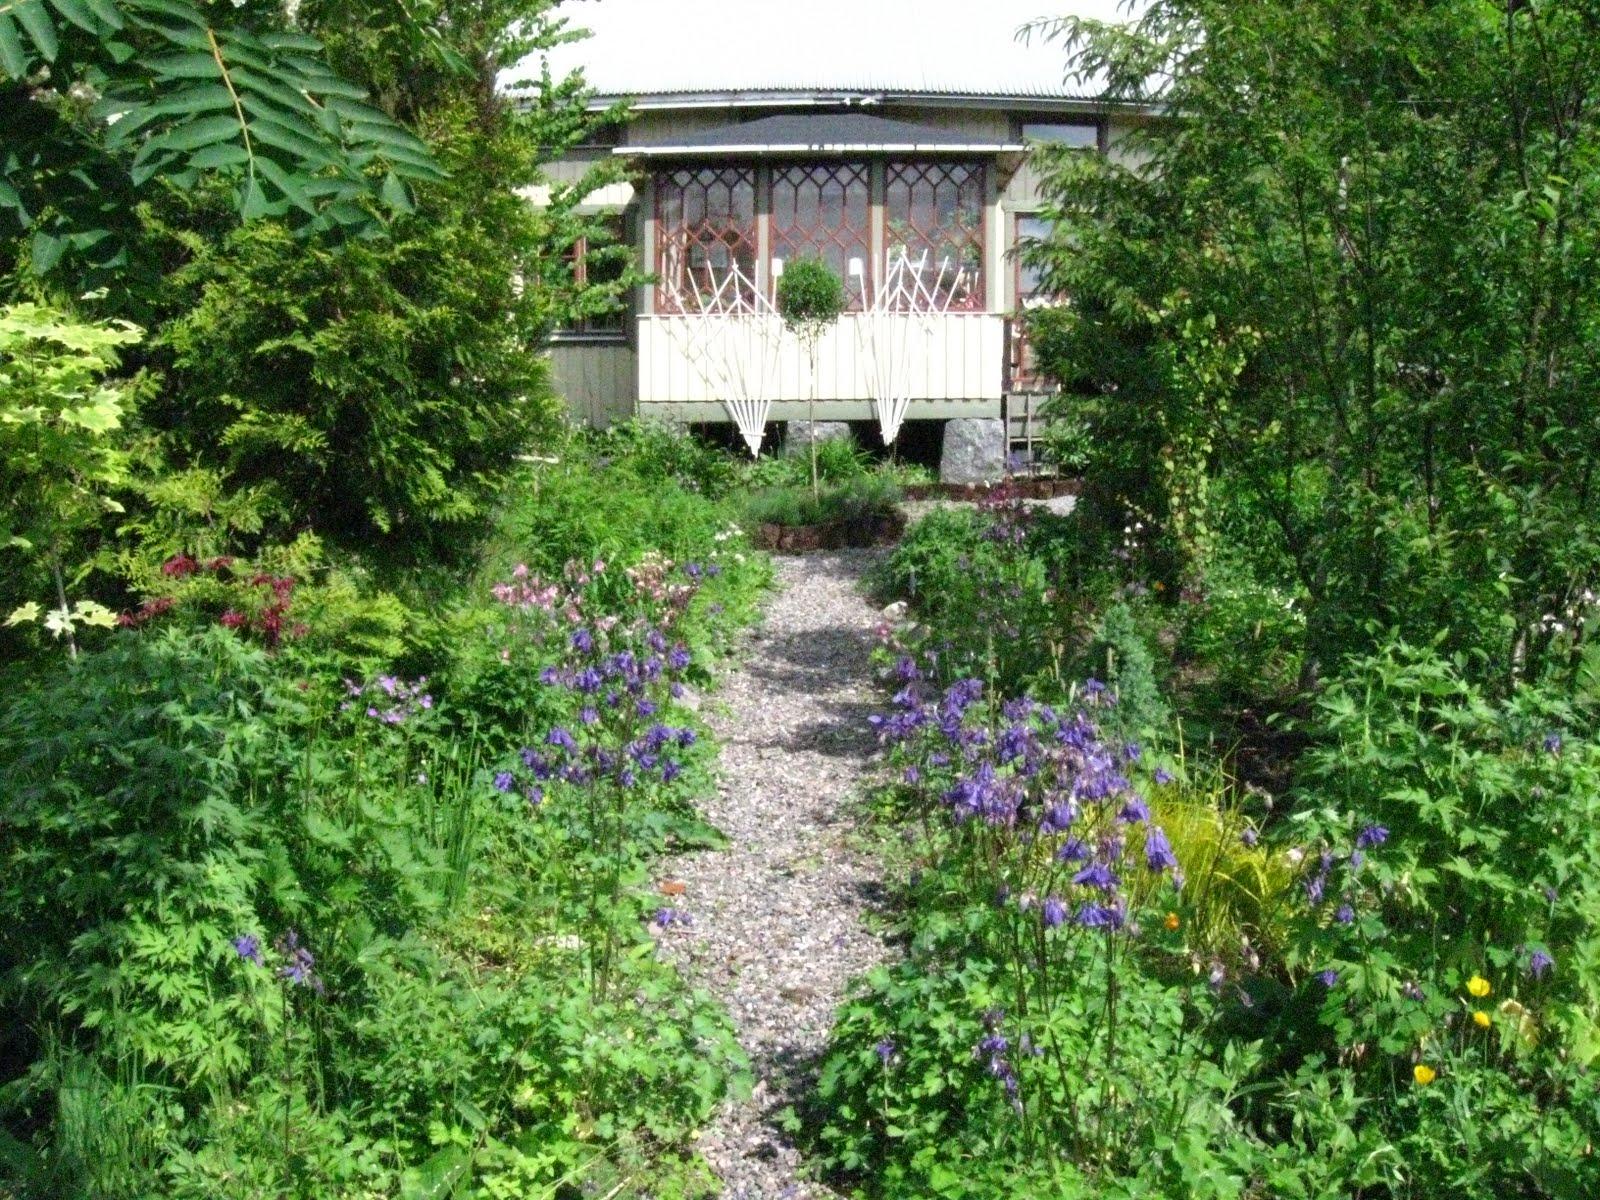 Blomsterbo: förmiddag i trädgården